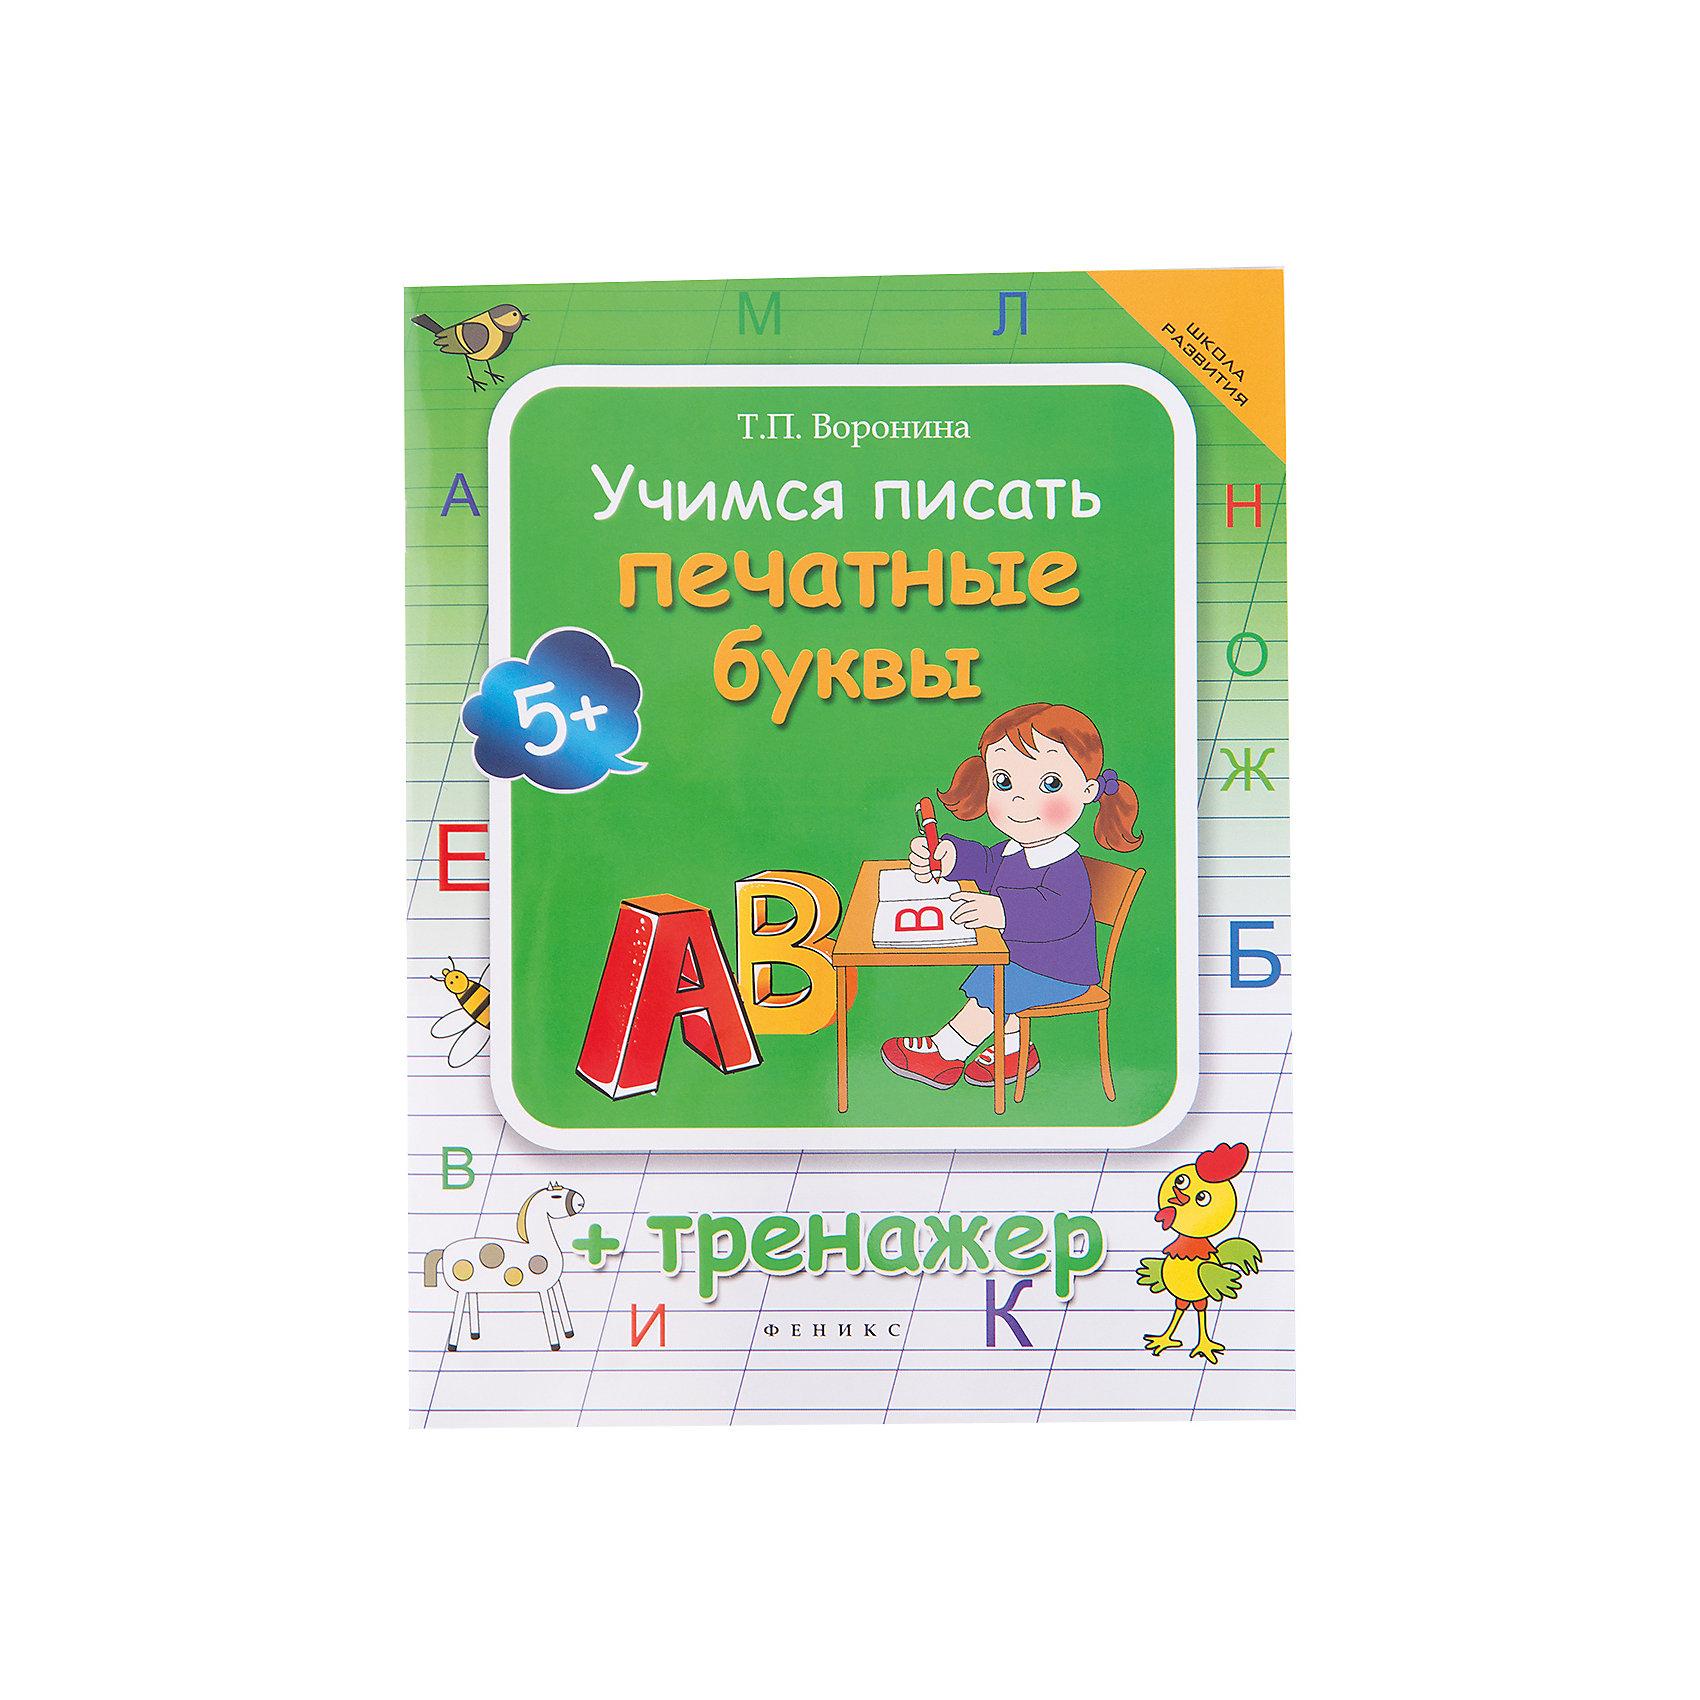 Учимся писать печатные буквыПрописи<br>Книга Учимся писать печатные буквы, 2-е издание<br><br>Характеристики: <br><br>• ISBN: 9785222287064<br>• Страниц: 32<br>• Возраст: 5+<br>• Обложка: мягкая<br>• Формат: а4<br><br>Используя эту книгу, ребенок сможет научиться письму и быстро запомнить основные начертания букв, а так же развить мелкую моторику, наблюдательность, память, зоркость и внимательность. Рекомендуется для детей 5-6 лет, так как особенна полезна эта книга будет для тех, кто собирается поступать в школу. Работать над заданиями можно с помощью ярких маркеров или карандашей, что позволит детям быстрее запомнить  очертания русских букв и научиться писать простые слова.<br><br>Книга Учимся писать печатные буквы, 2-е издание можно купить в нашем интернет-магазине.<br><br>Ширина мм: 261<br>Глубина мм: 200<br>Высота мм: 20<br>Вес г: 88<br>Возраст от месяцев: -2147483648<br>Возраст до месяцев: 2147483647<br>Пол: Унисекс<br>Возраст: Детский<br>SKU: 5464581